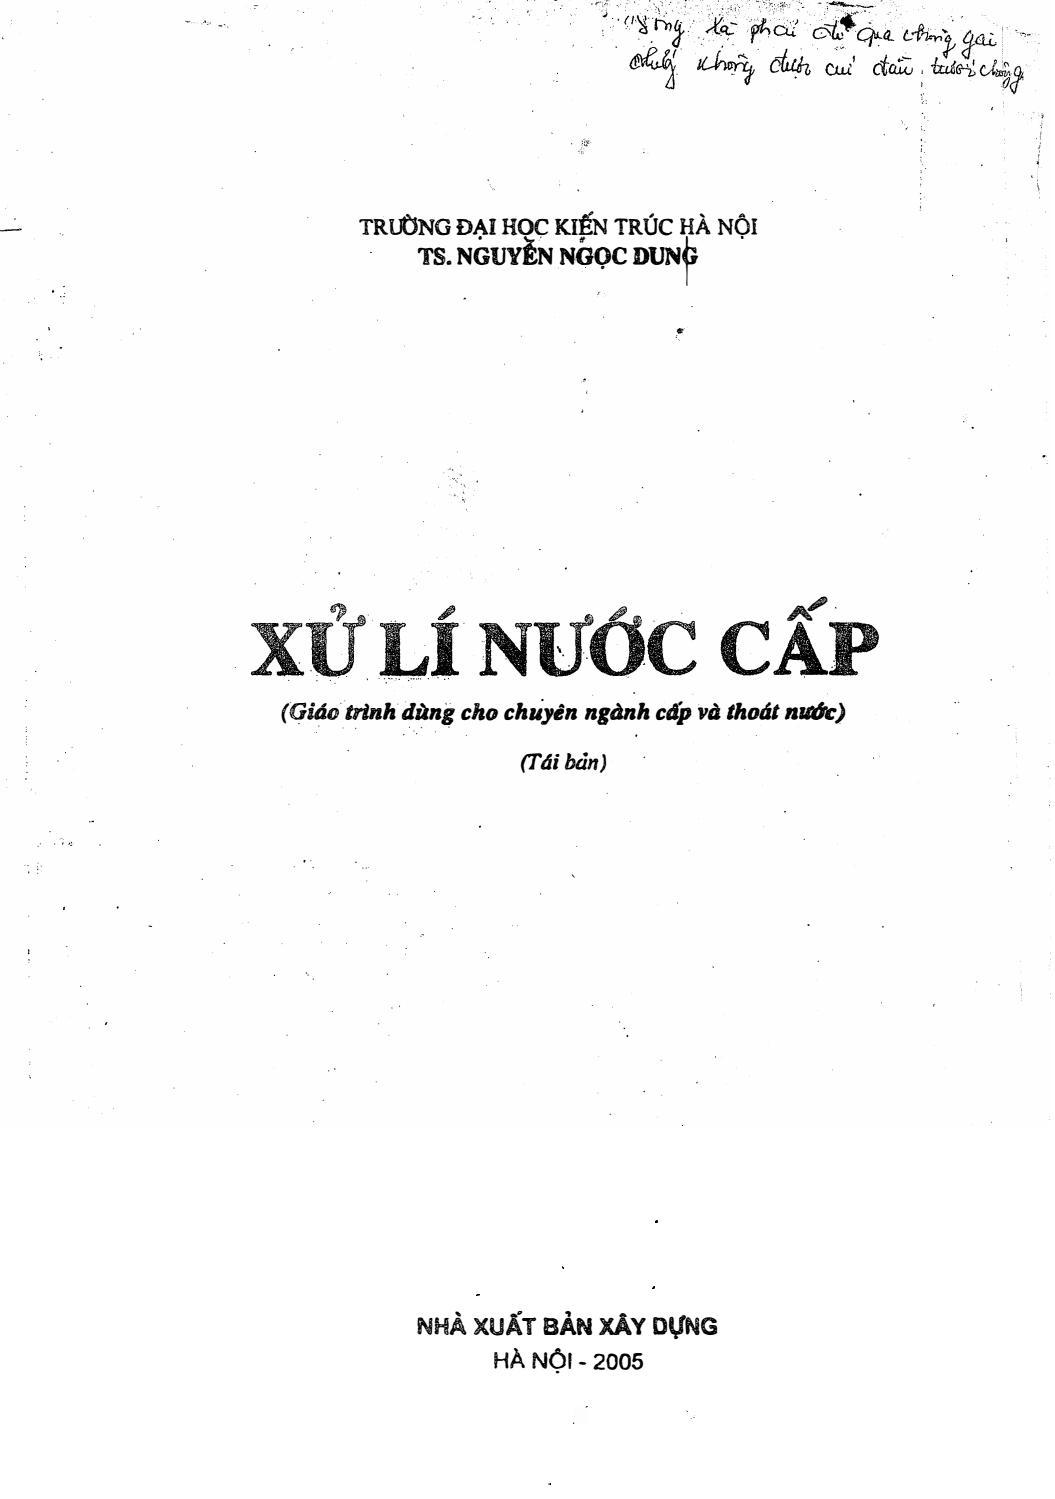 Sách xử lý nước cấp - Nguyễn Ngọc Dung